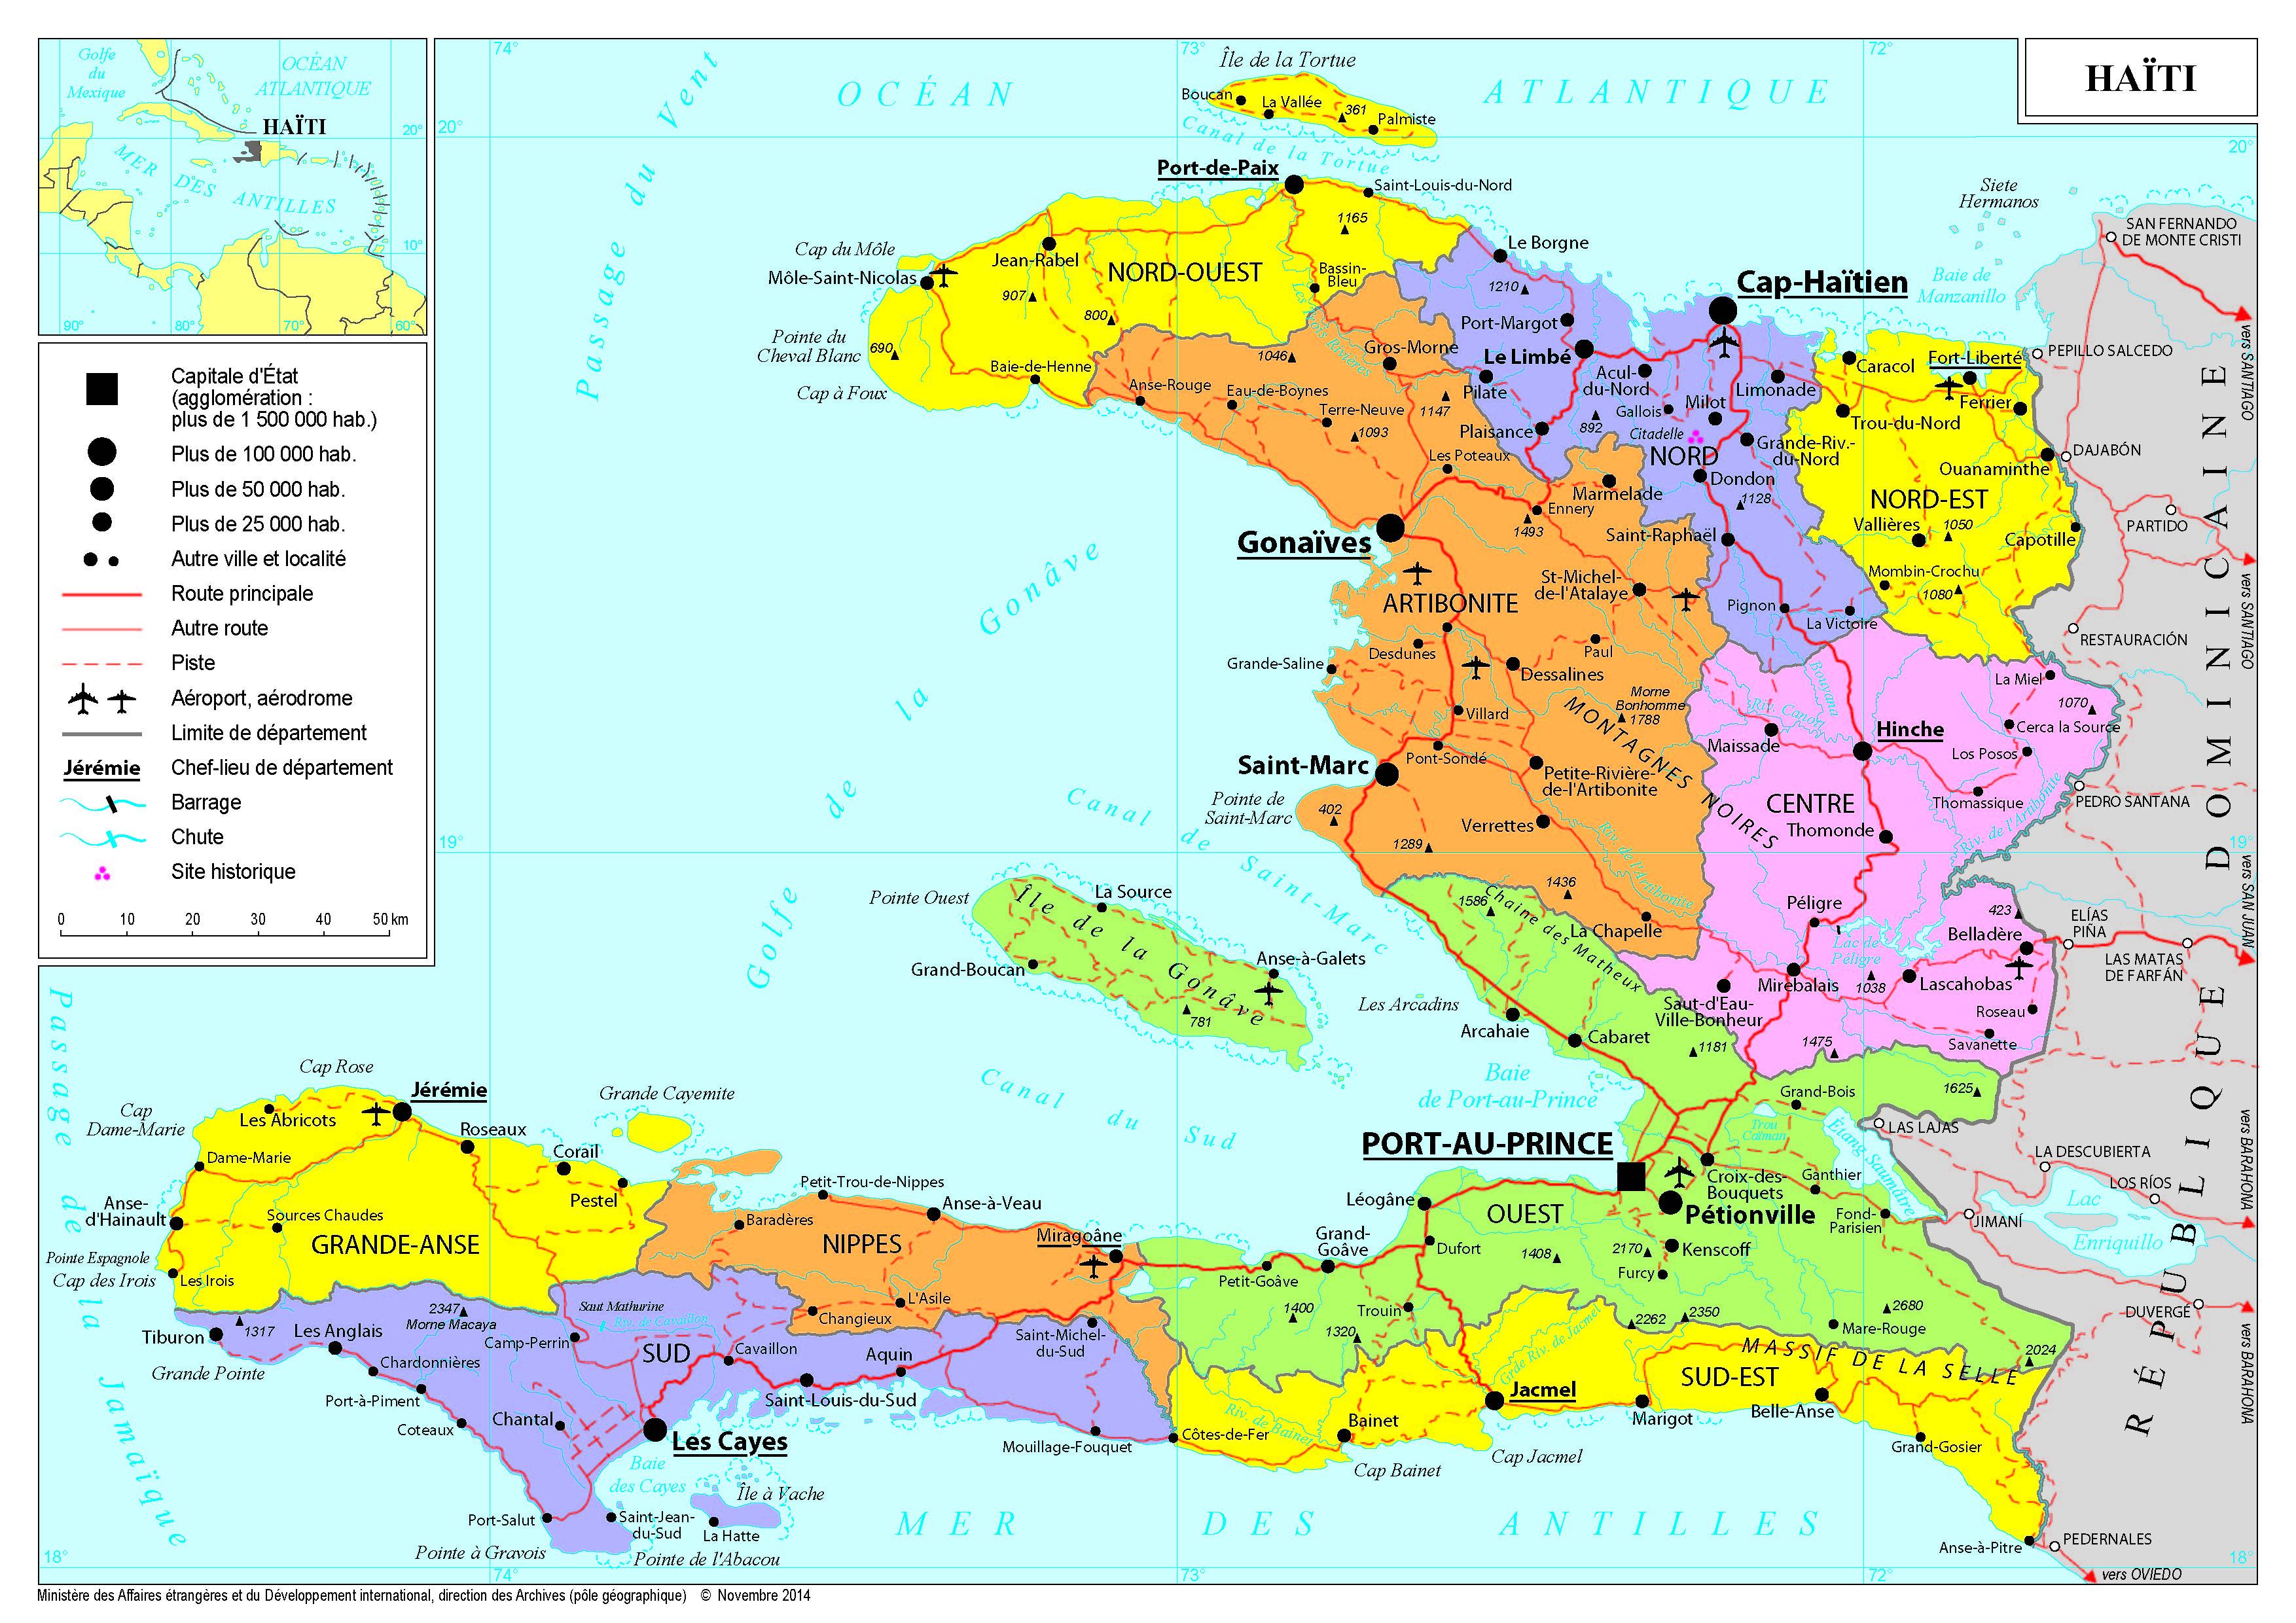 Presentation De Haiti Ministere De L Europe Et Des Affaires Etrangeres